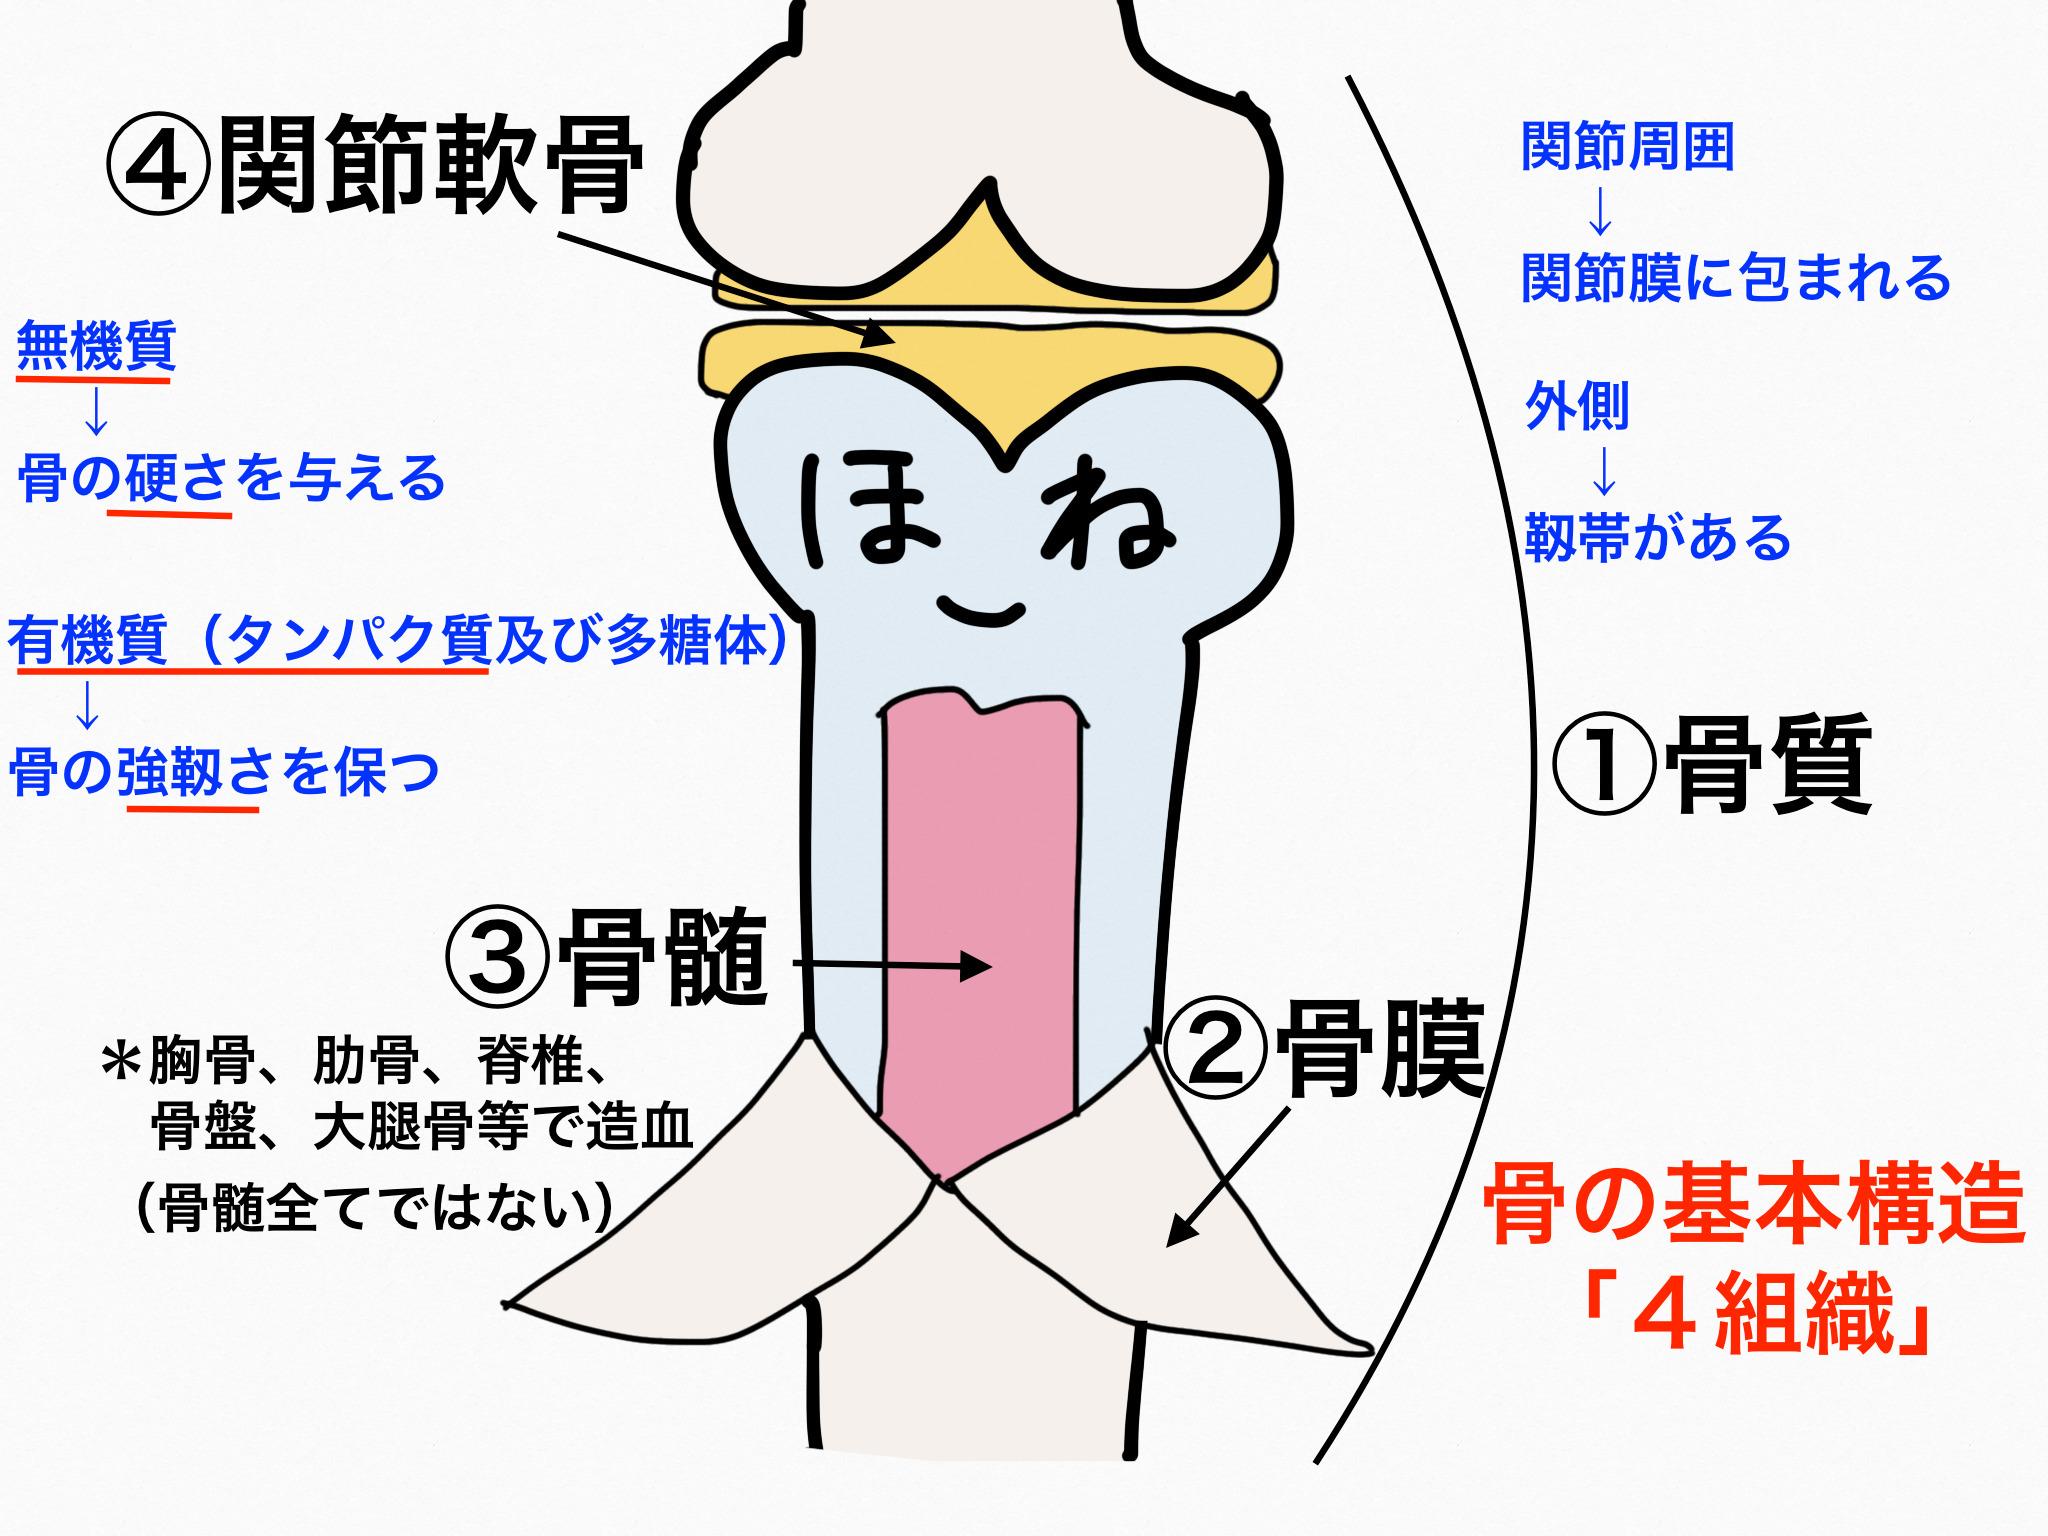 運動器官/骨格系【第2章の覚え方】